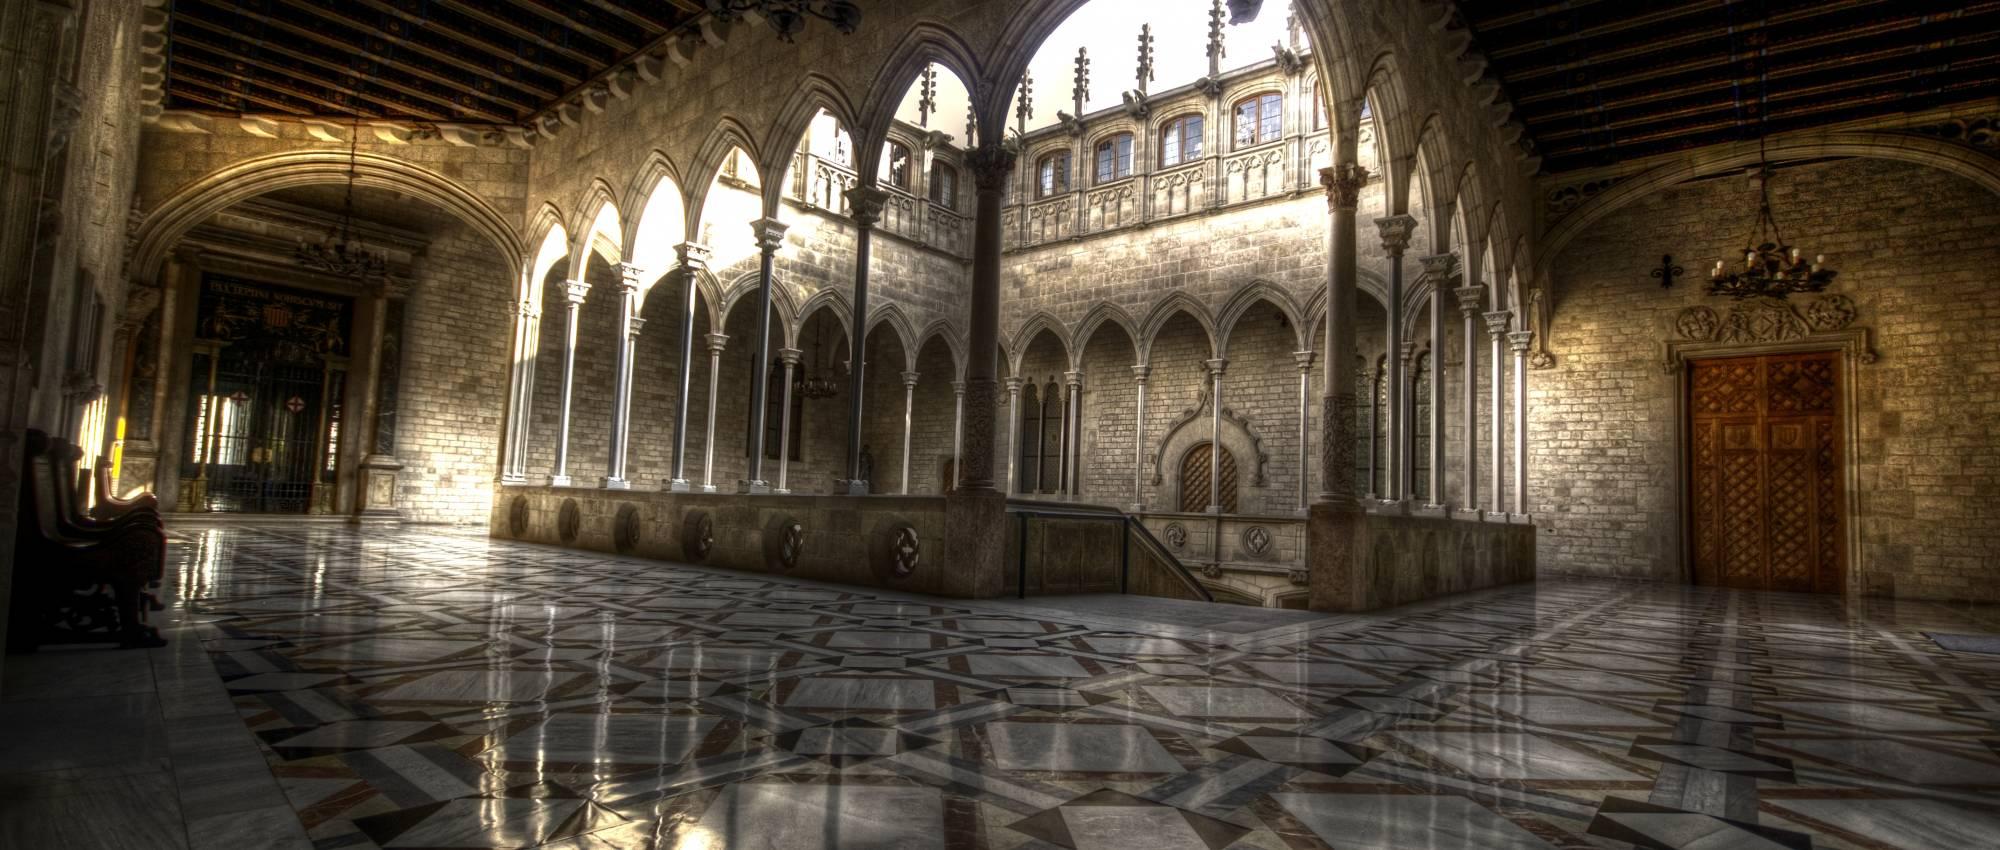 palacio de la generalitat patrimonio cultural